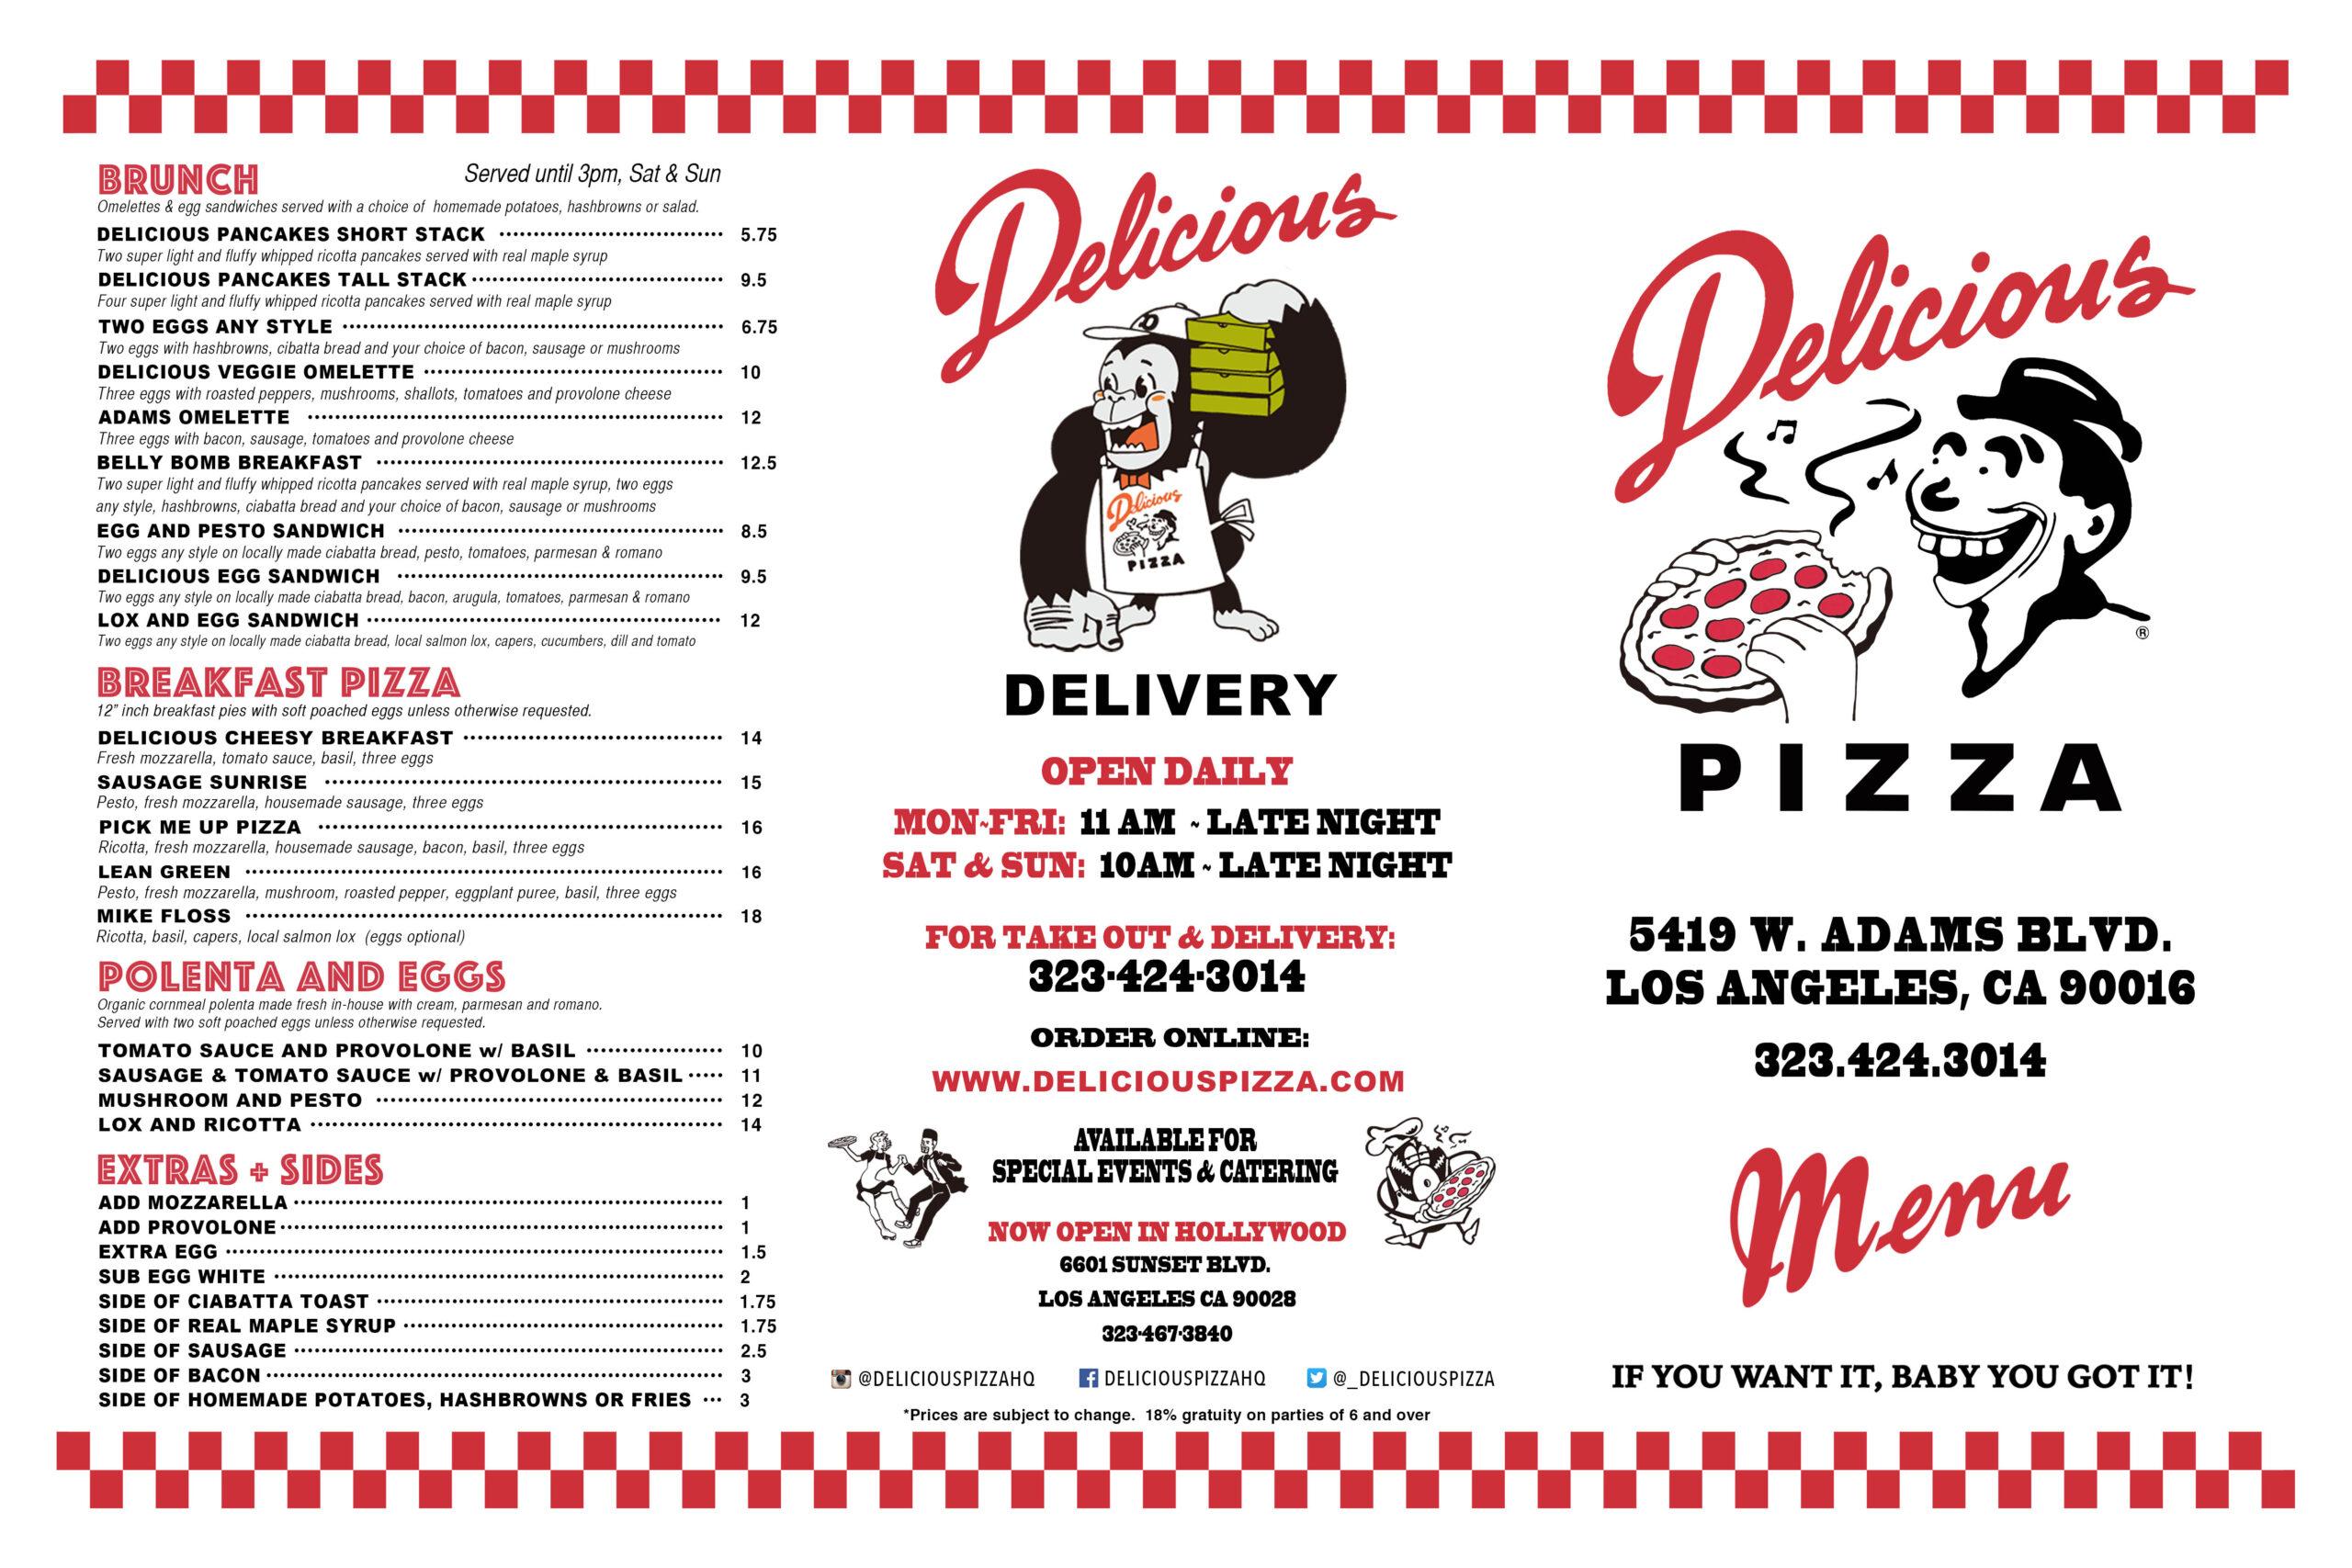 Delicious Pizza West Adams